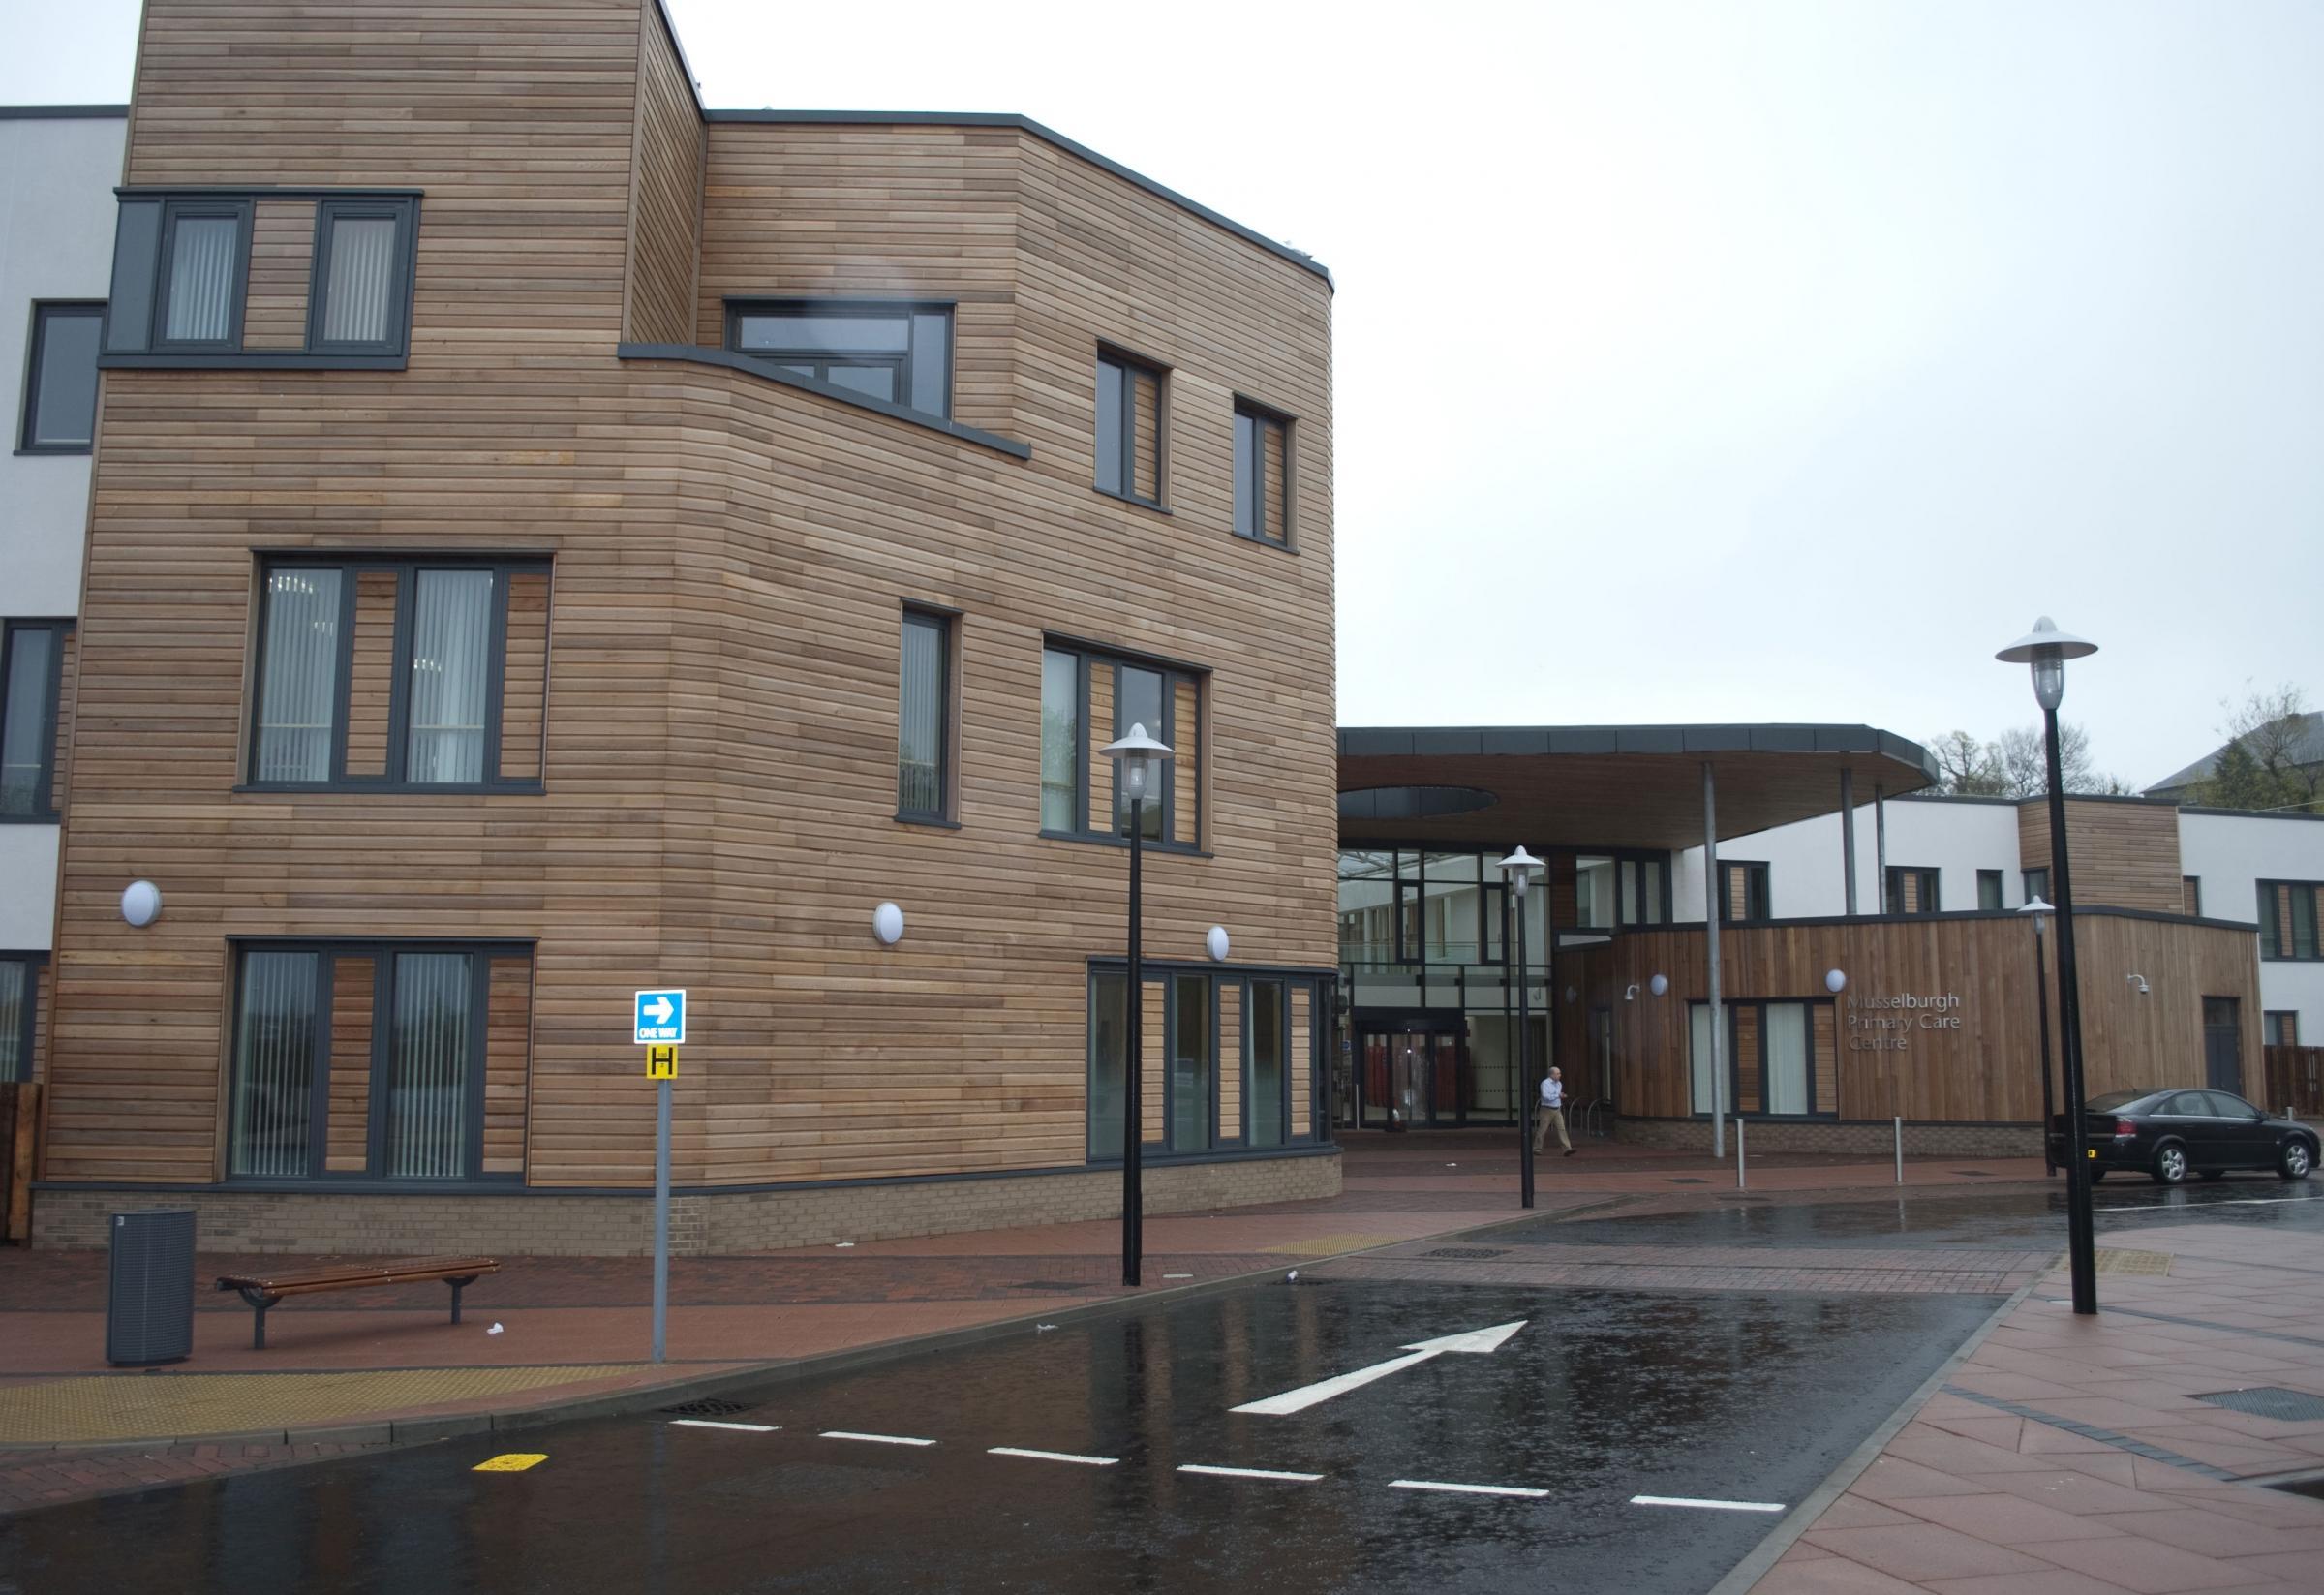 Urgent Dental Care Centre established in Musselburgh